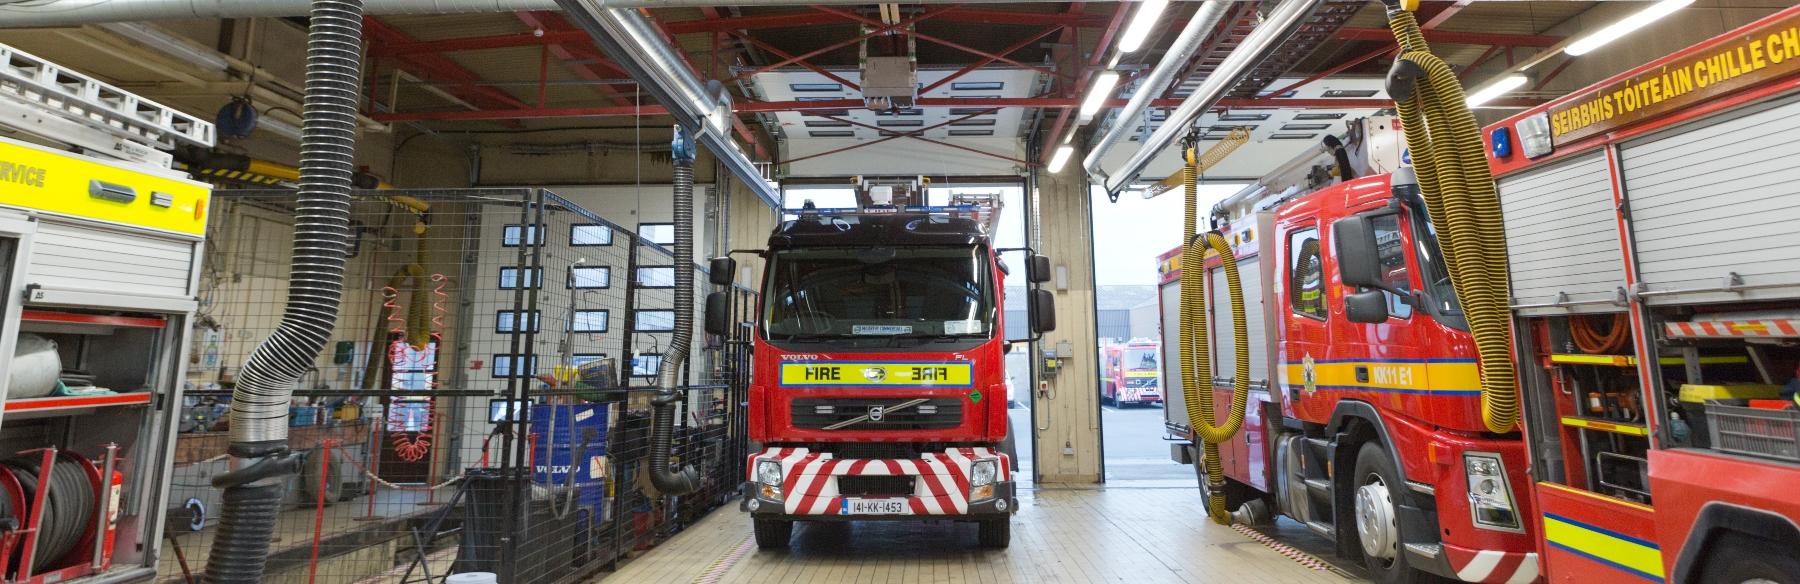 Kilkenny Fire Station